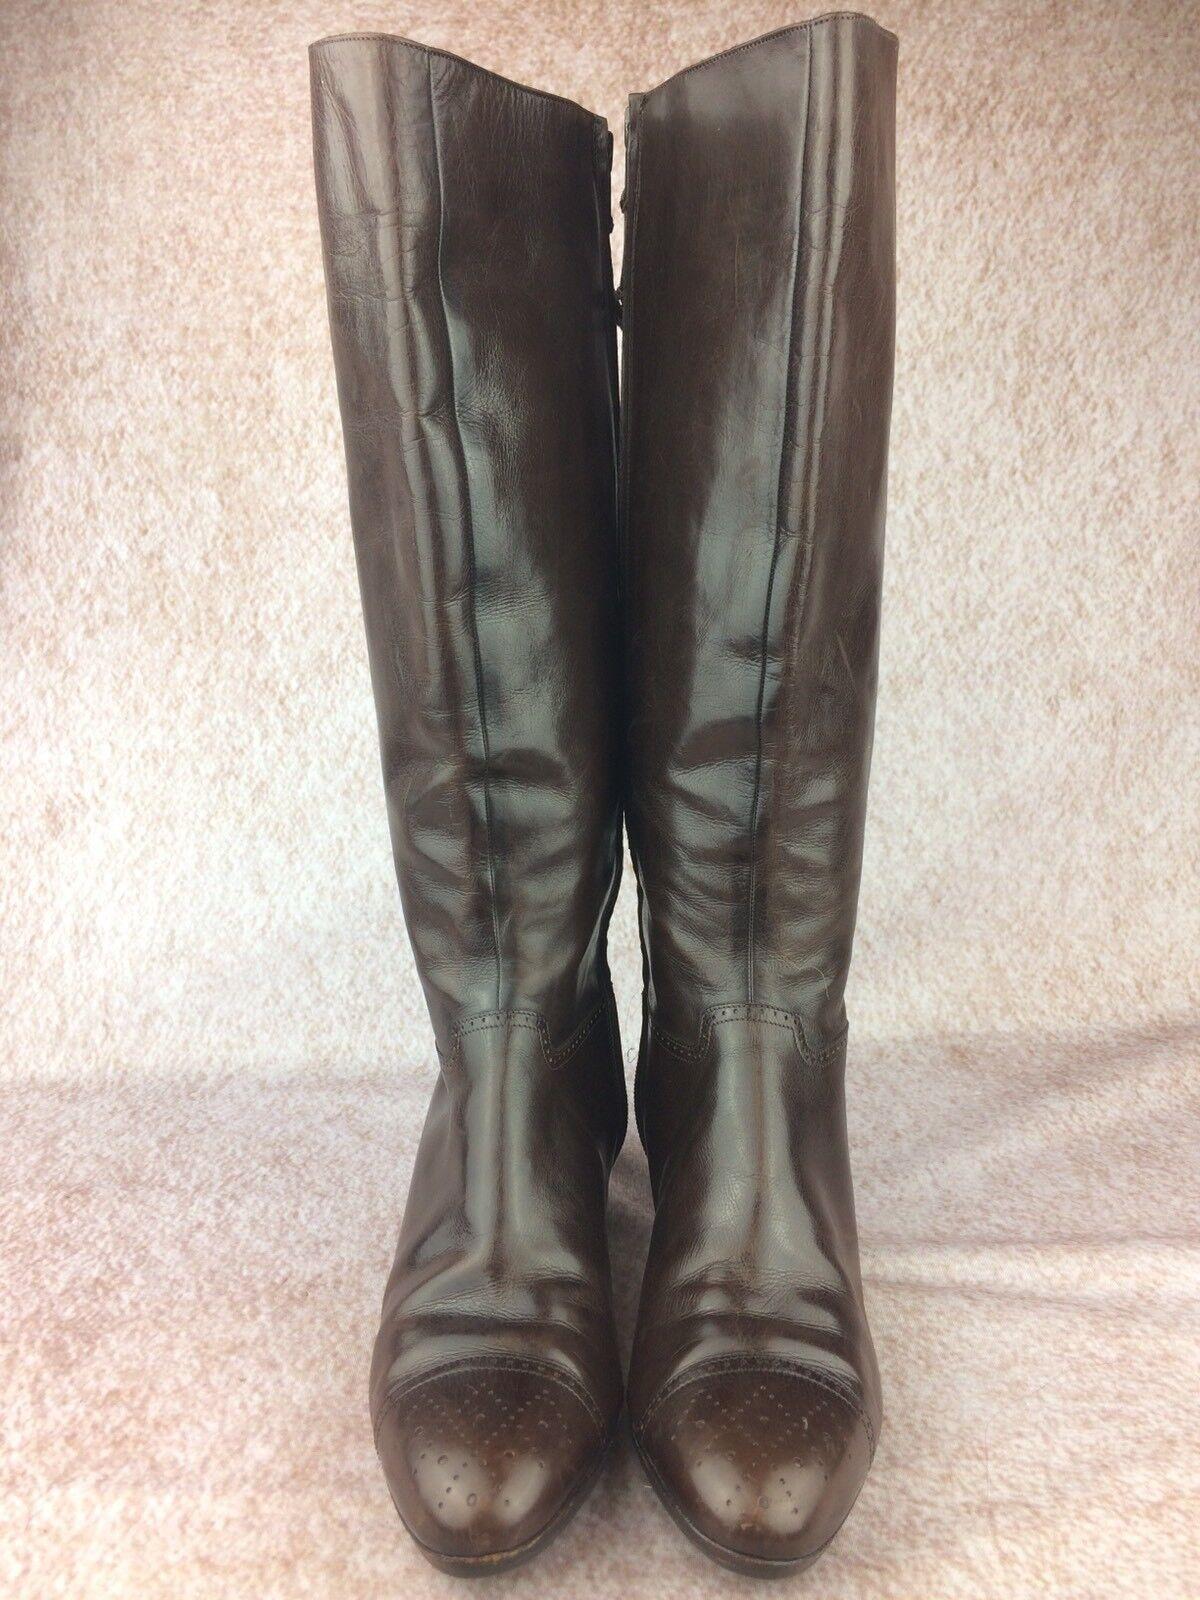 Salvatore Ferragamo Vintage Size 5.5  Brown Leather Zip Zip Zip High Riding Boots 761568